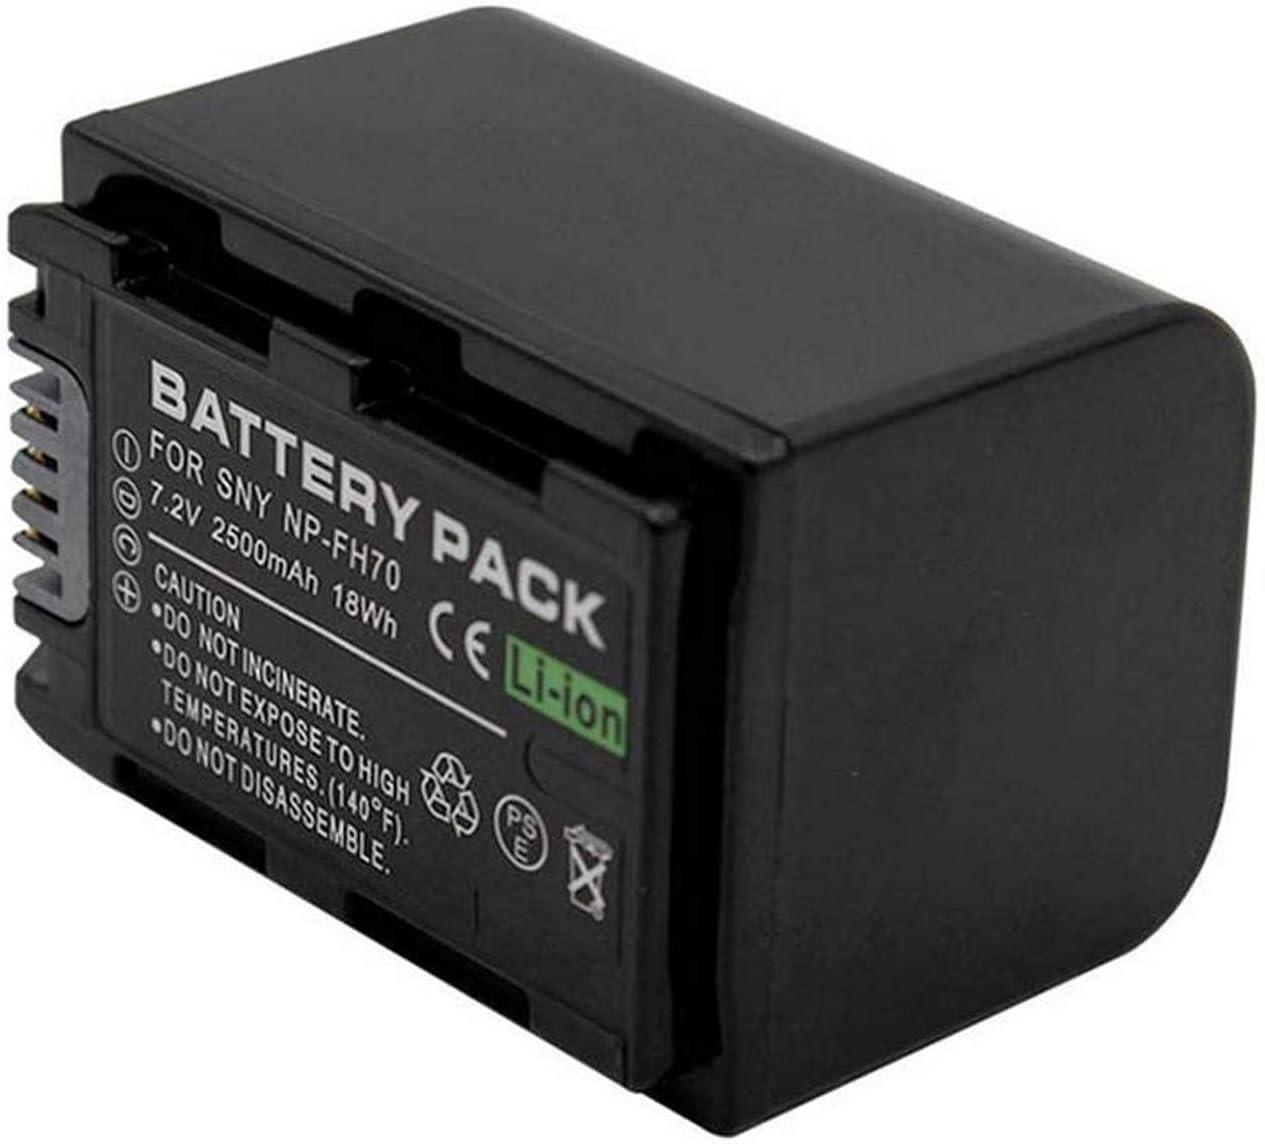 DCR-SR290 Battery Pack for Sony DCR-SR190 DCR-SR300 Handycam Camcorder